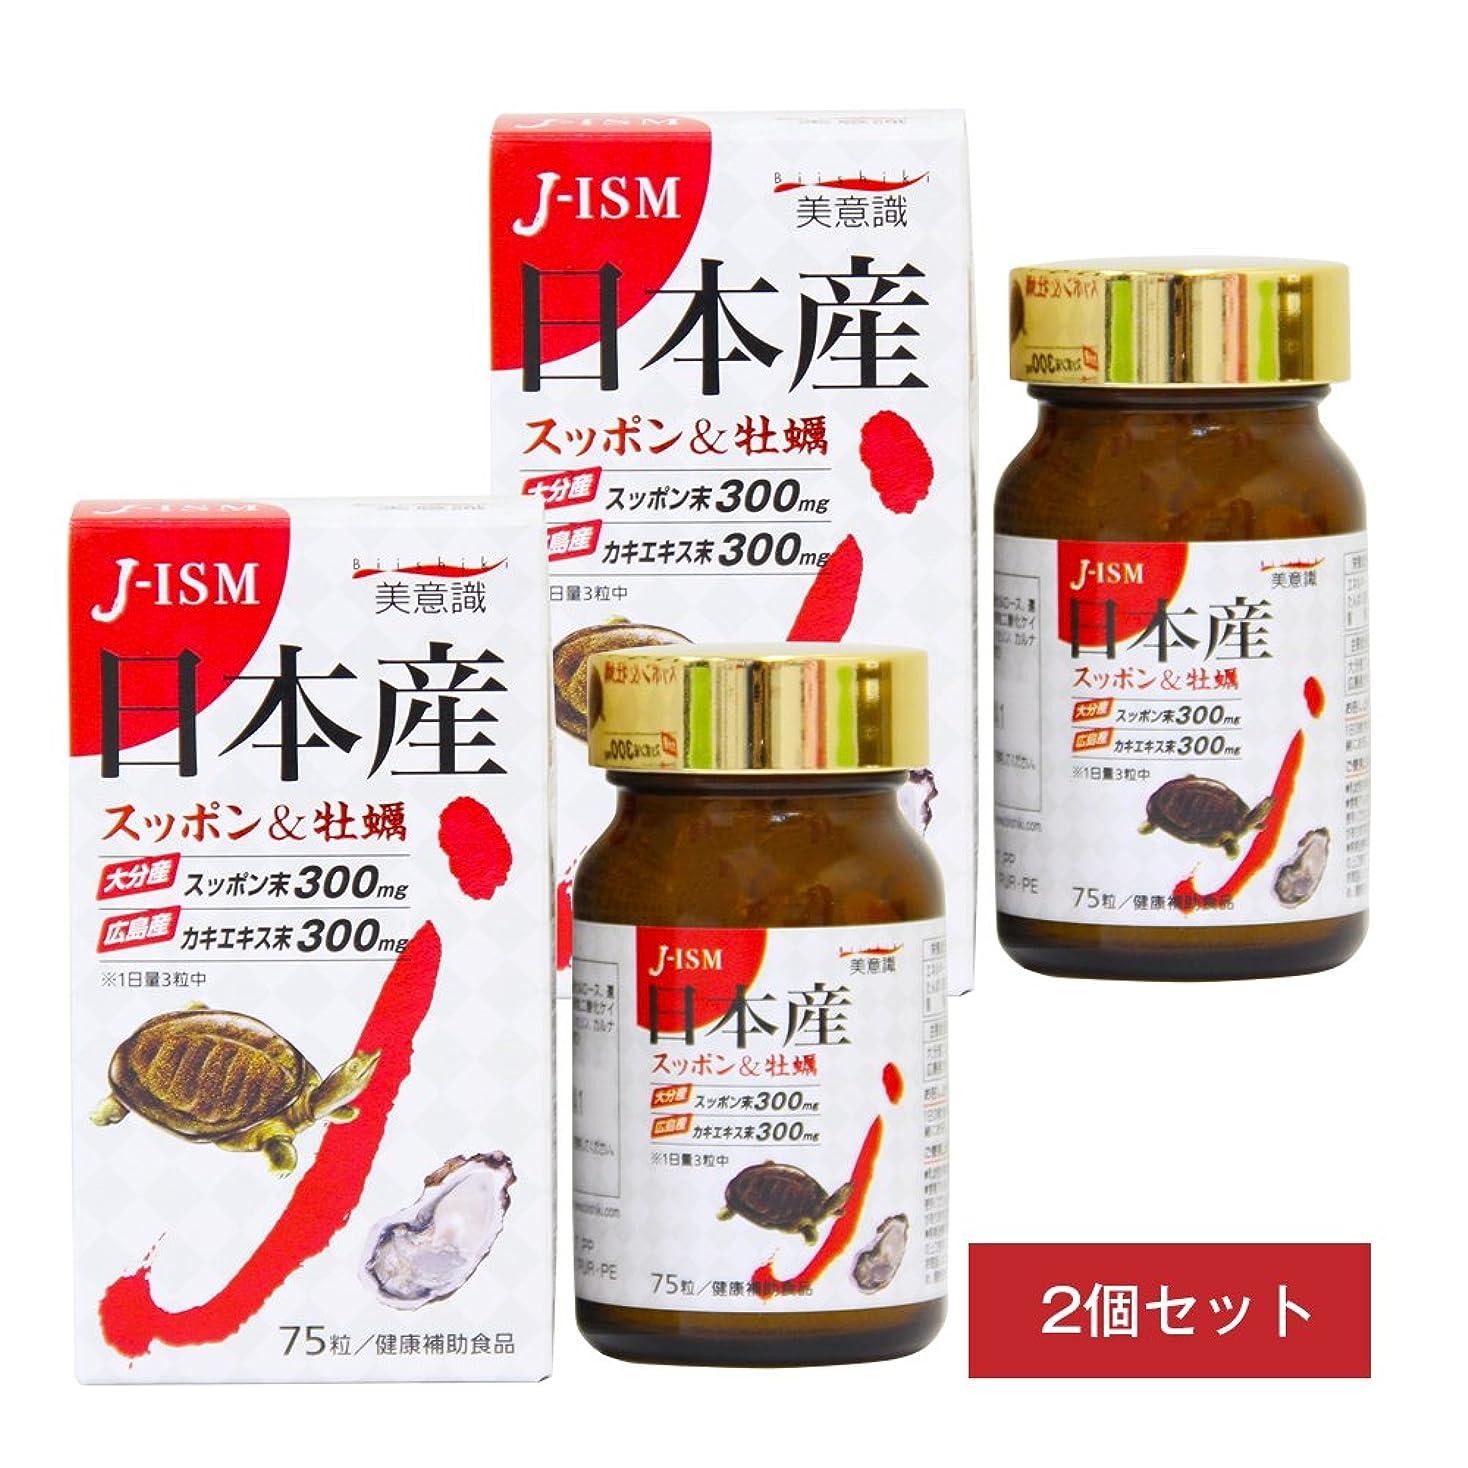 和人気慎重unica 蜂の子 サプリメント 60粒 ◆蜂の子のみのサプリ◆純度98.5% 1粒340mg配合